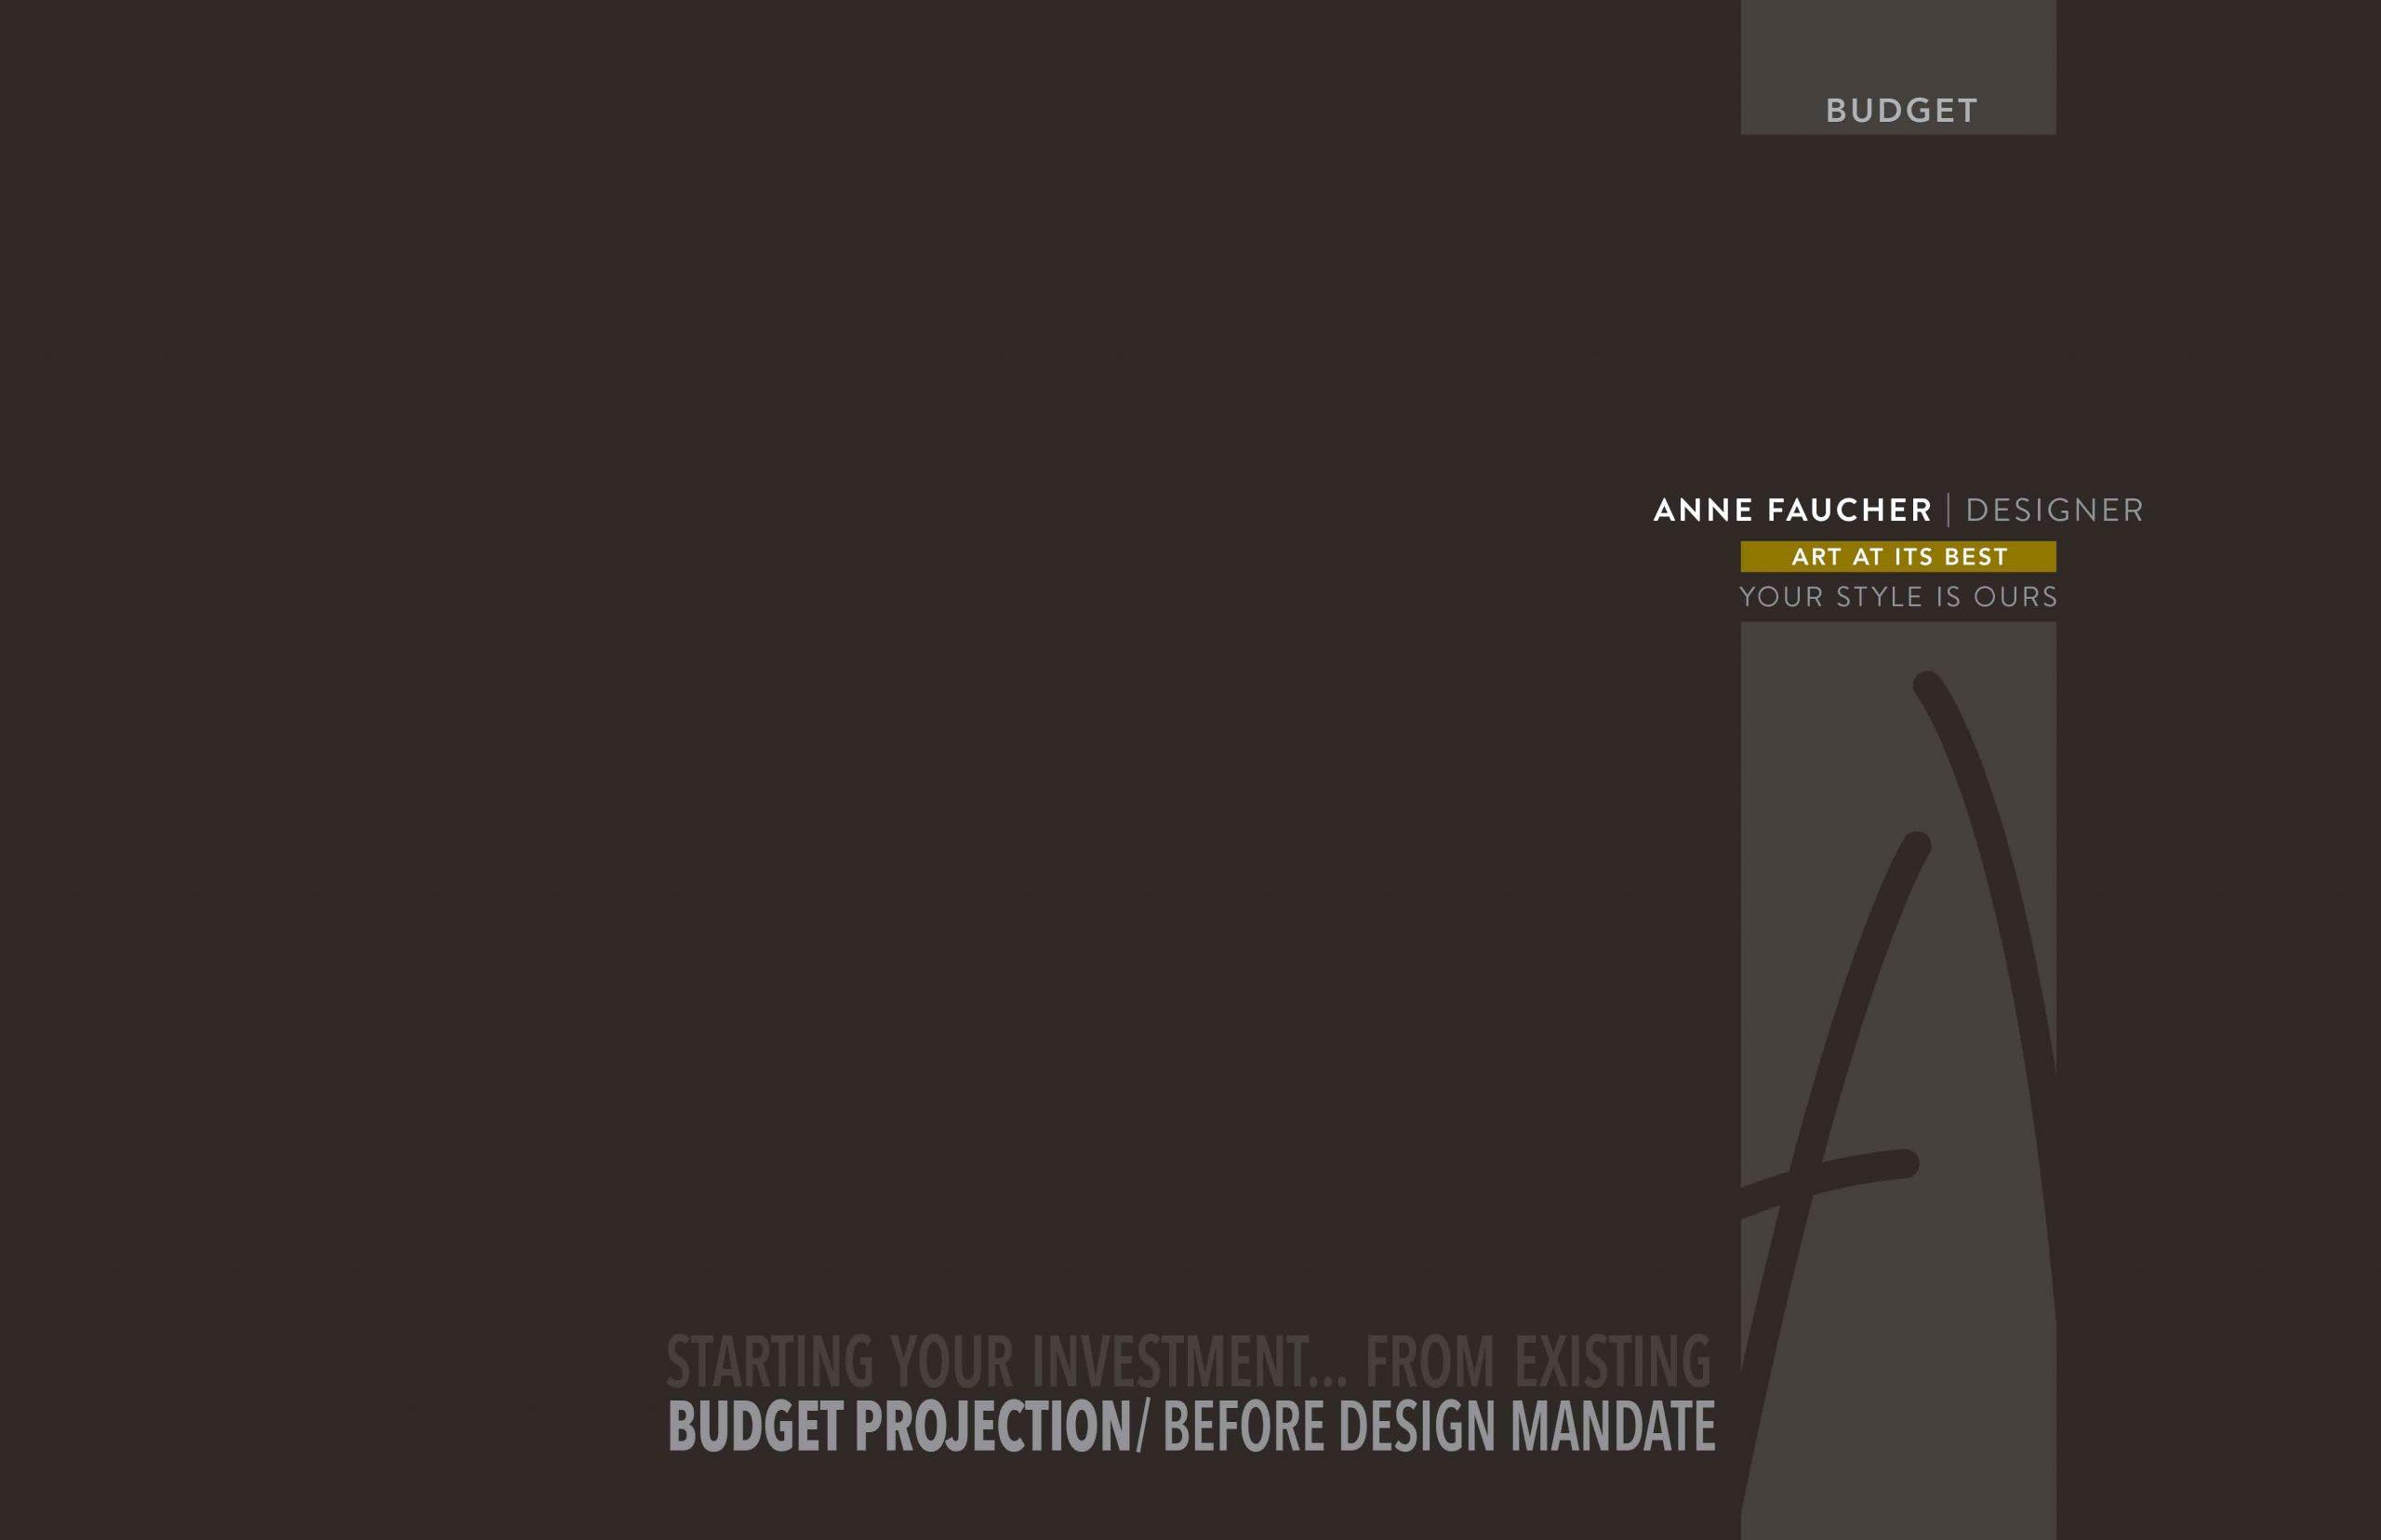 Page couverture des projections budgétaires en design d'intérieur, secteur par secteur